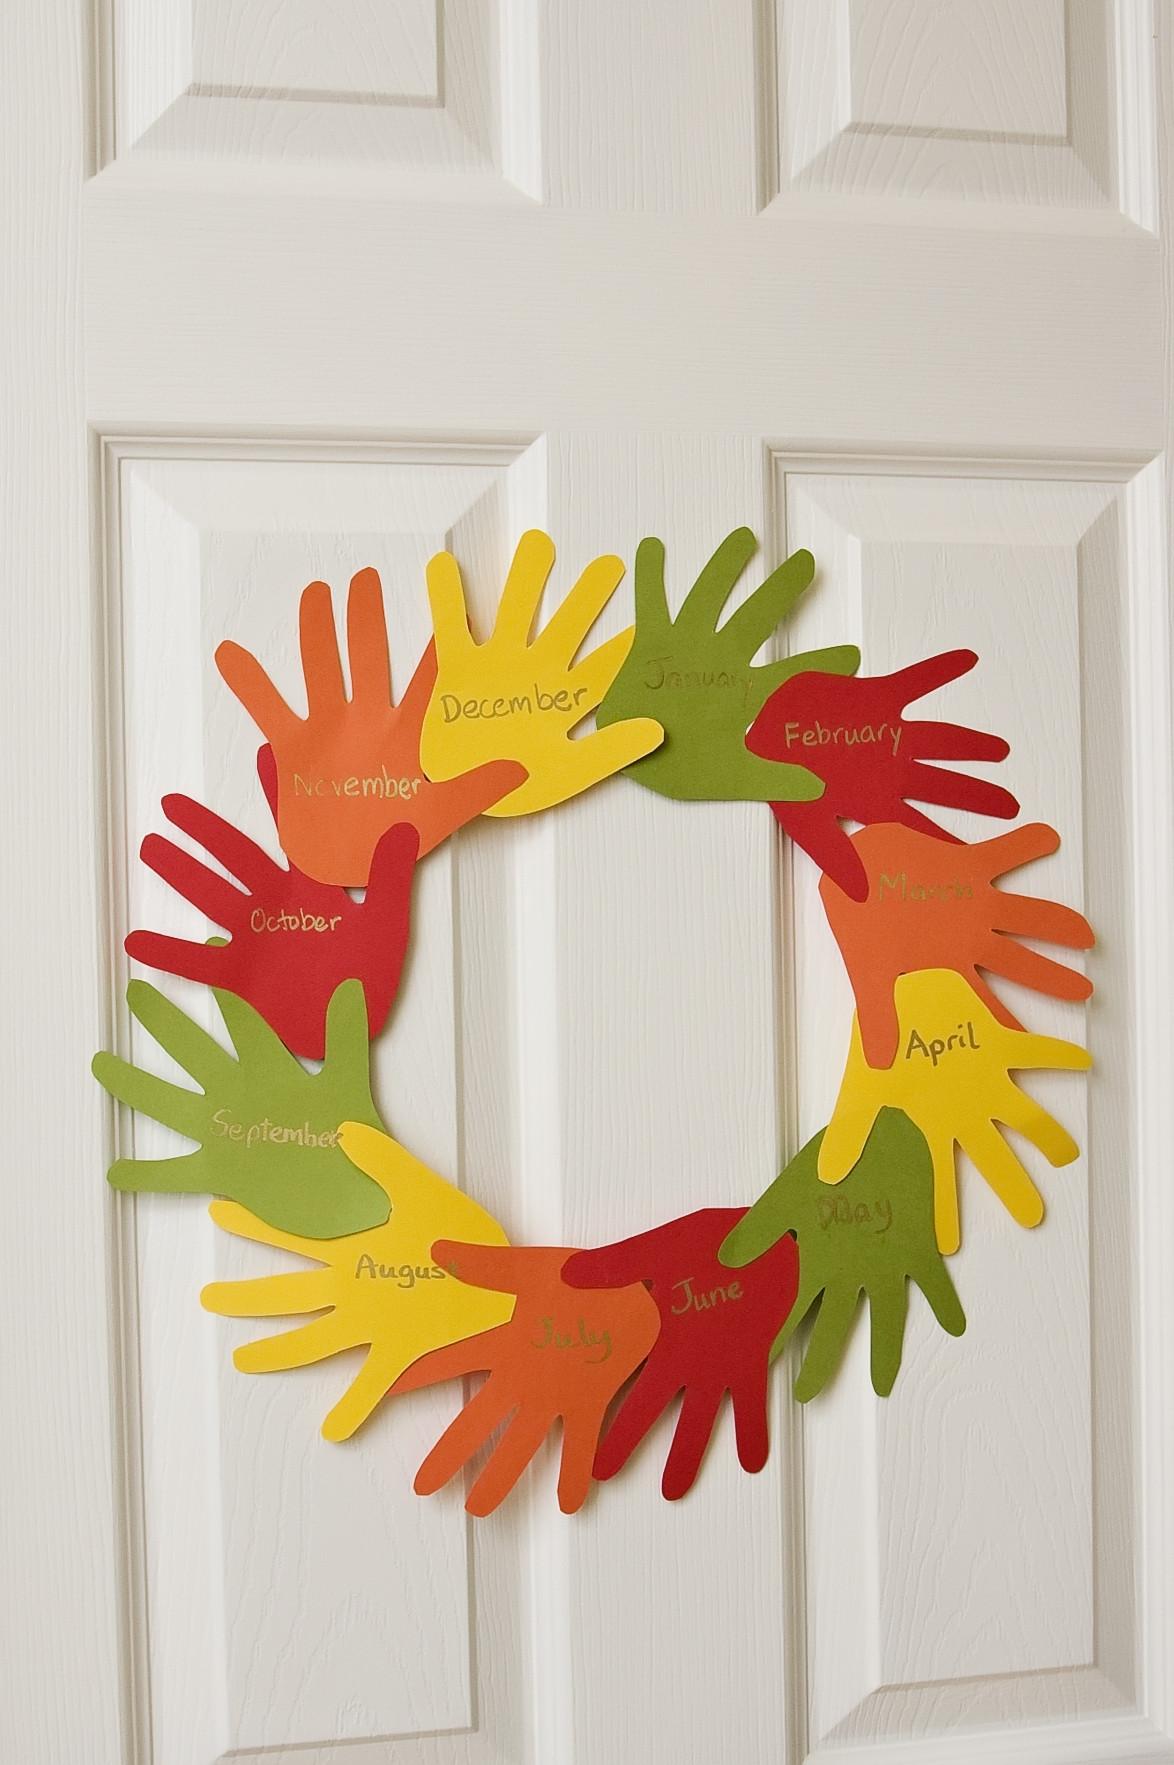 Preschool Craft Activities  Handprint Wreath • The Preschool Toolbox Blog